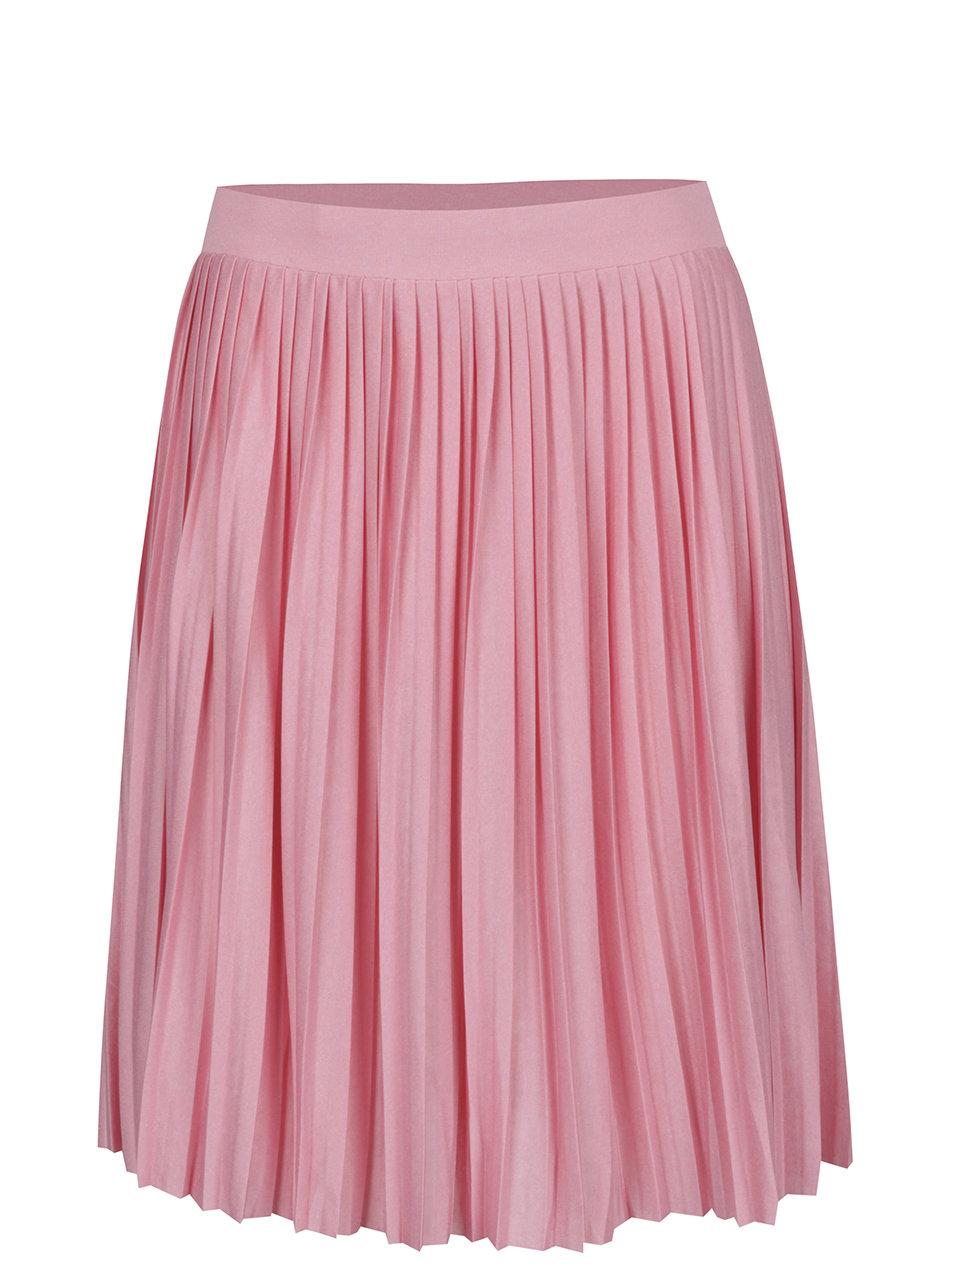 d819423a87e Světle růžová žíhaná plisovaná sukně VERO MODA Molly ...